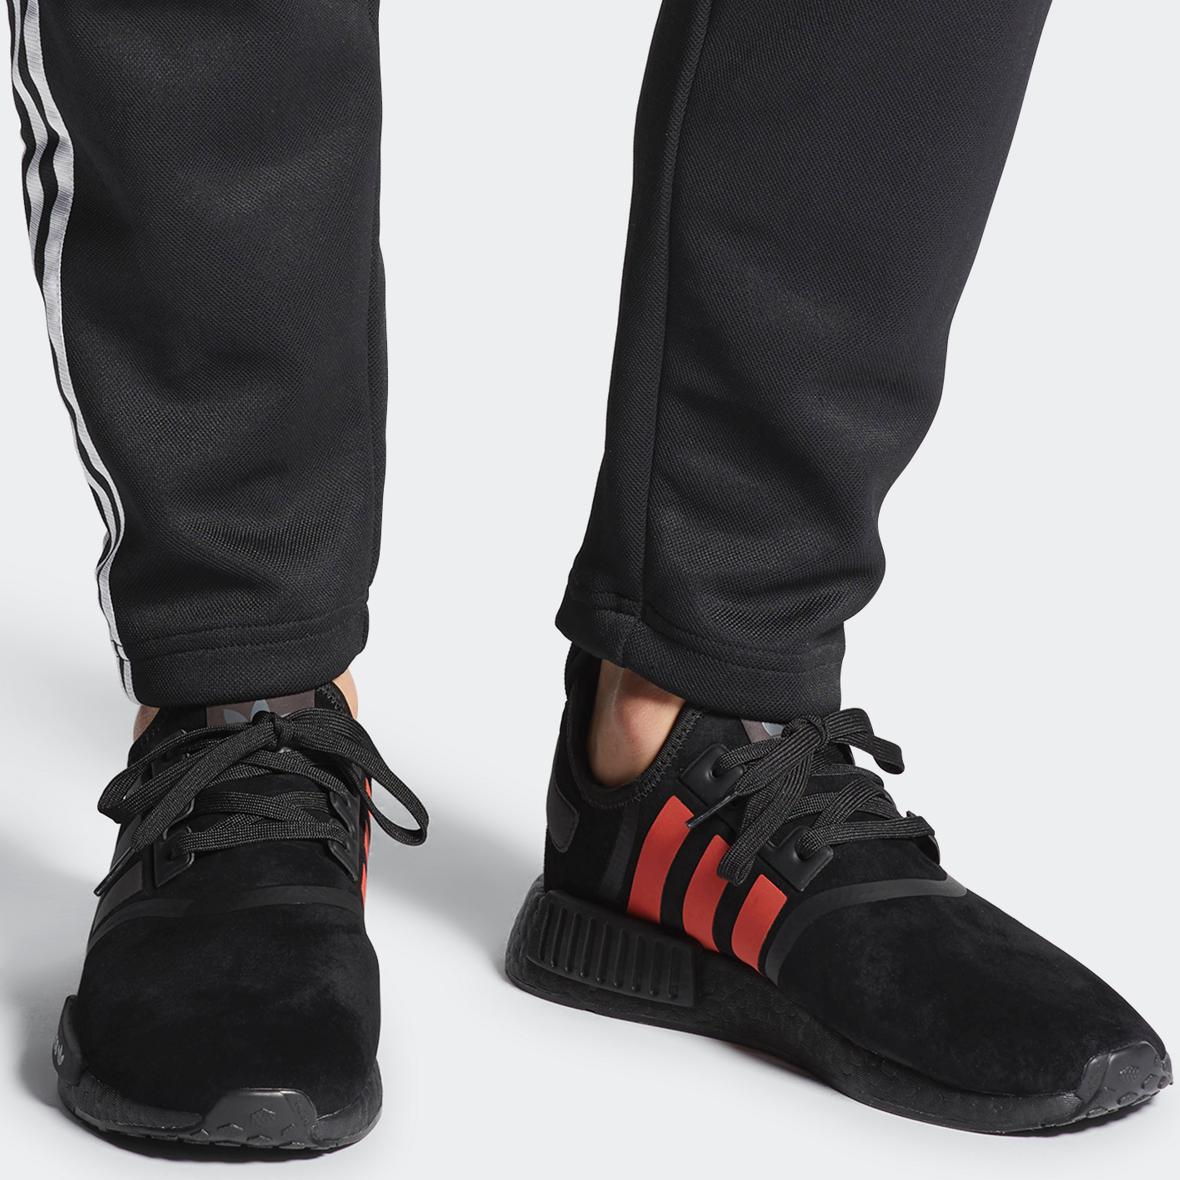 Adidas Originals NMD R1 XENO PACK PACK PACK nero Uomo Comfy scarpe Lifestyle scarpe da ginnastica 0ef72f